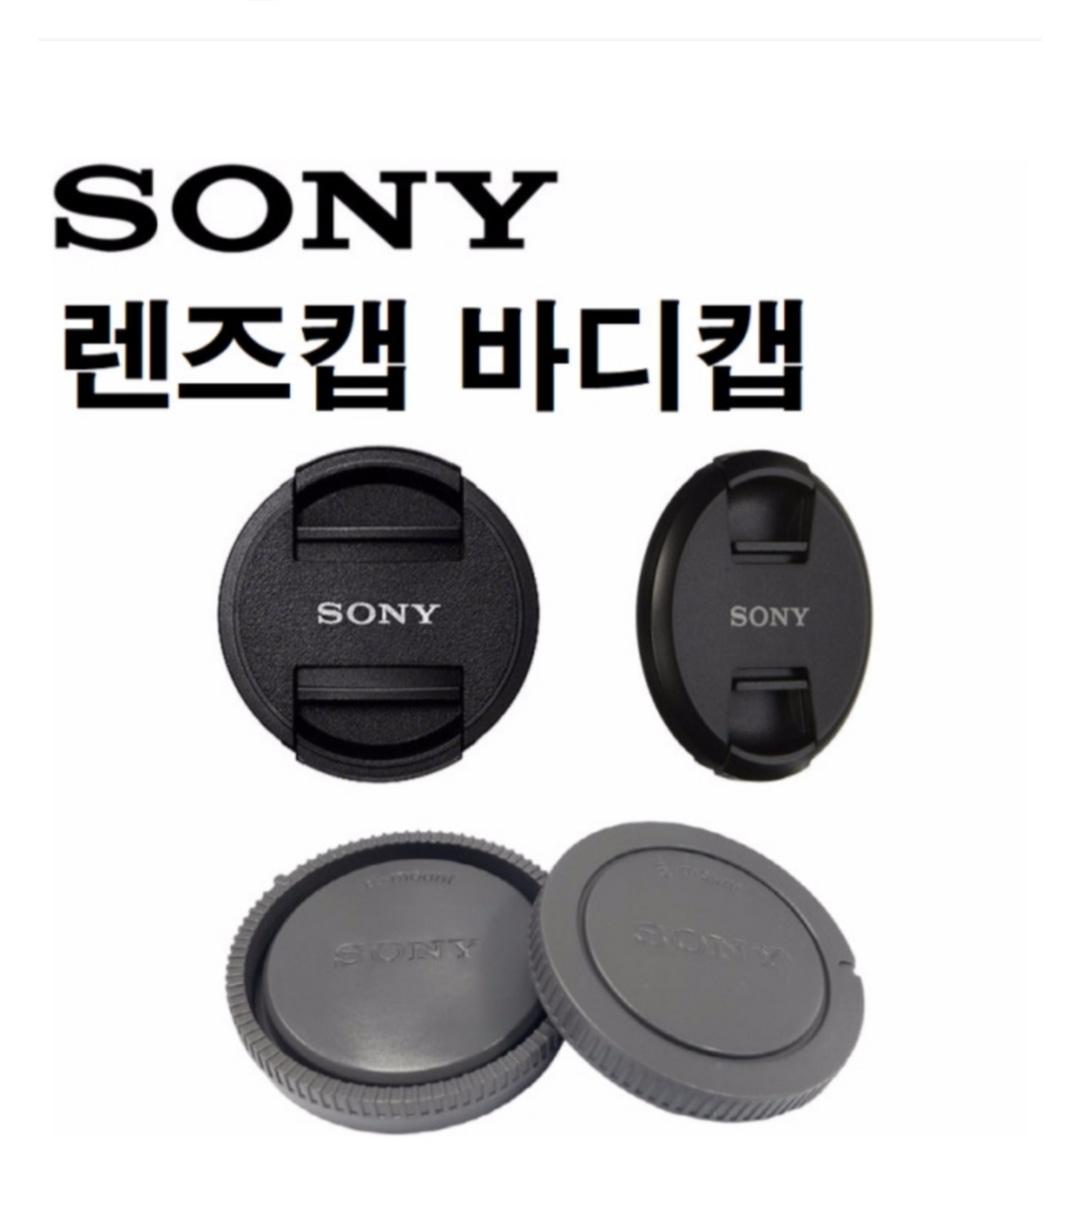 (새상품 택배비 포함) 소니렌즈캡 바디캡 렌즈뒷캡